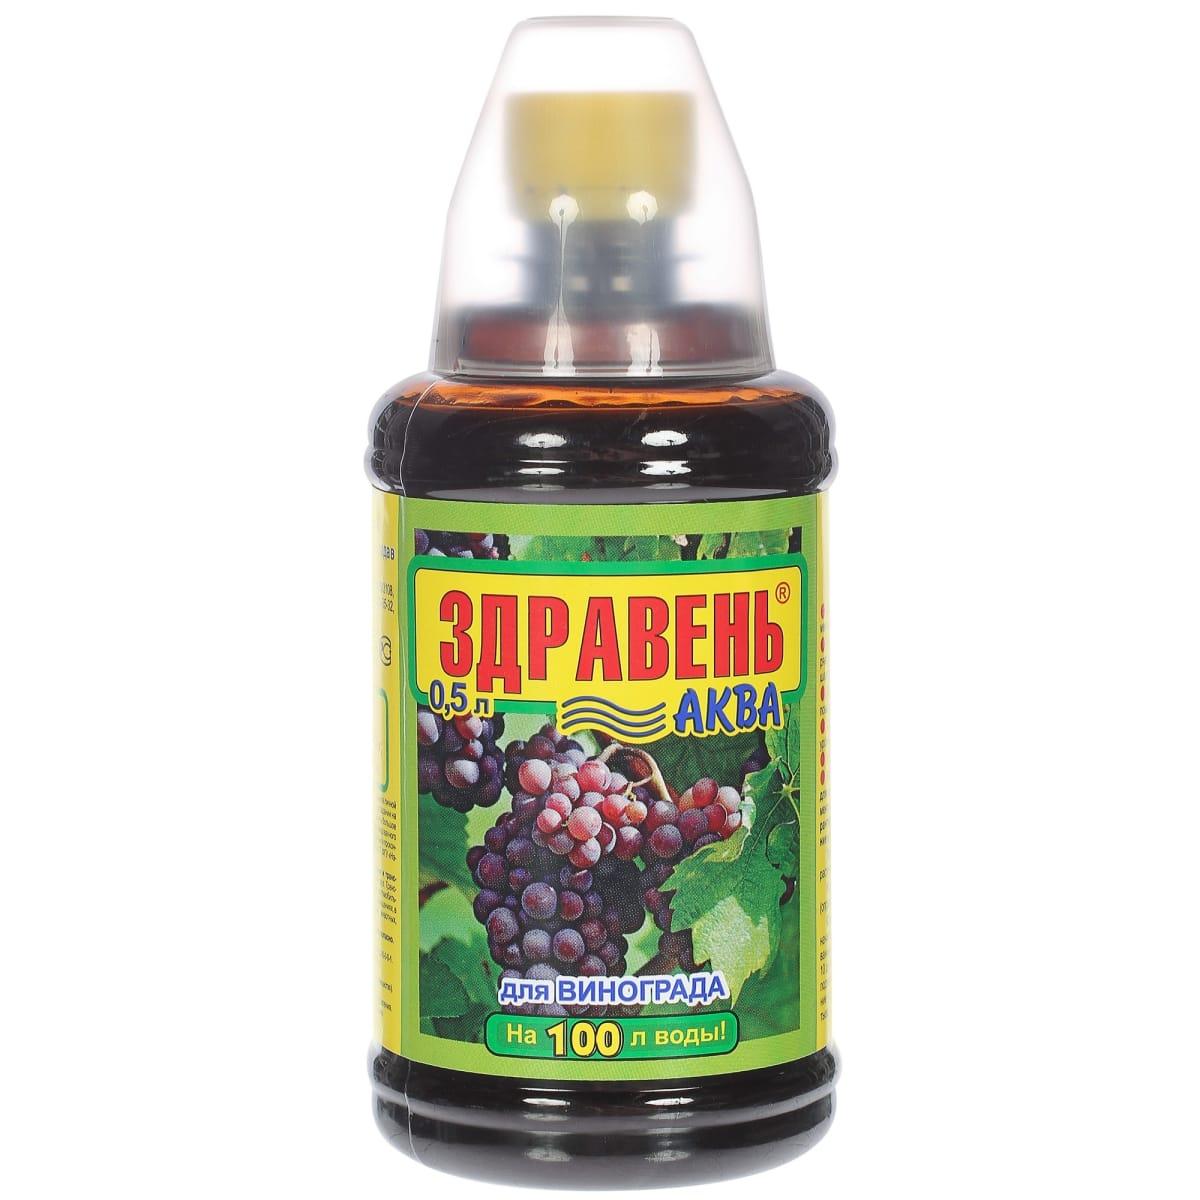 Удобрение «Здравень Аква» для винограда 0.5 л с мерным стаканчиком